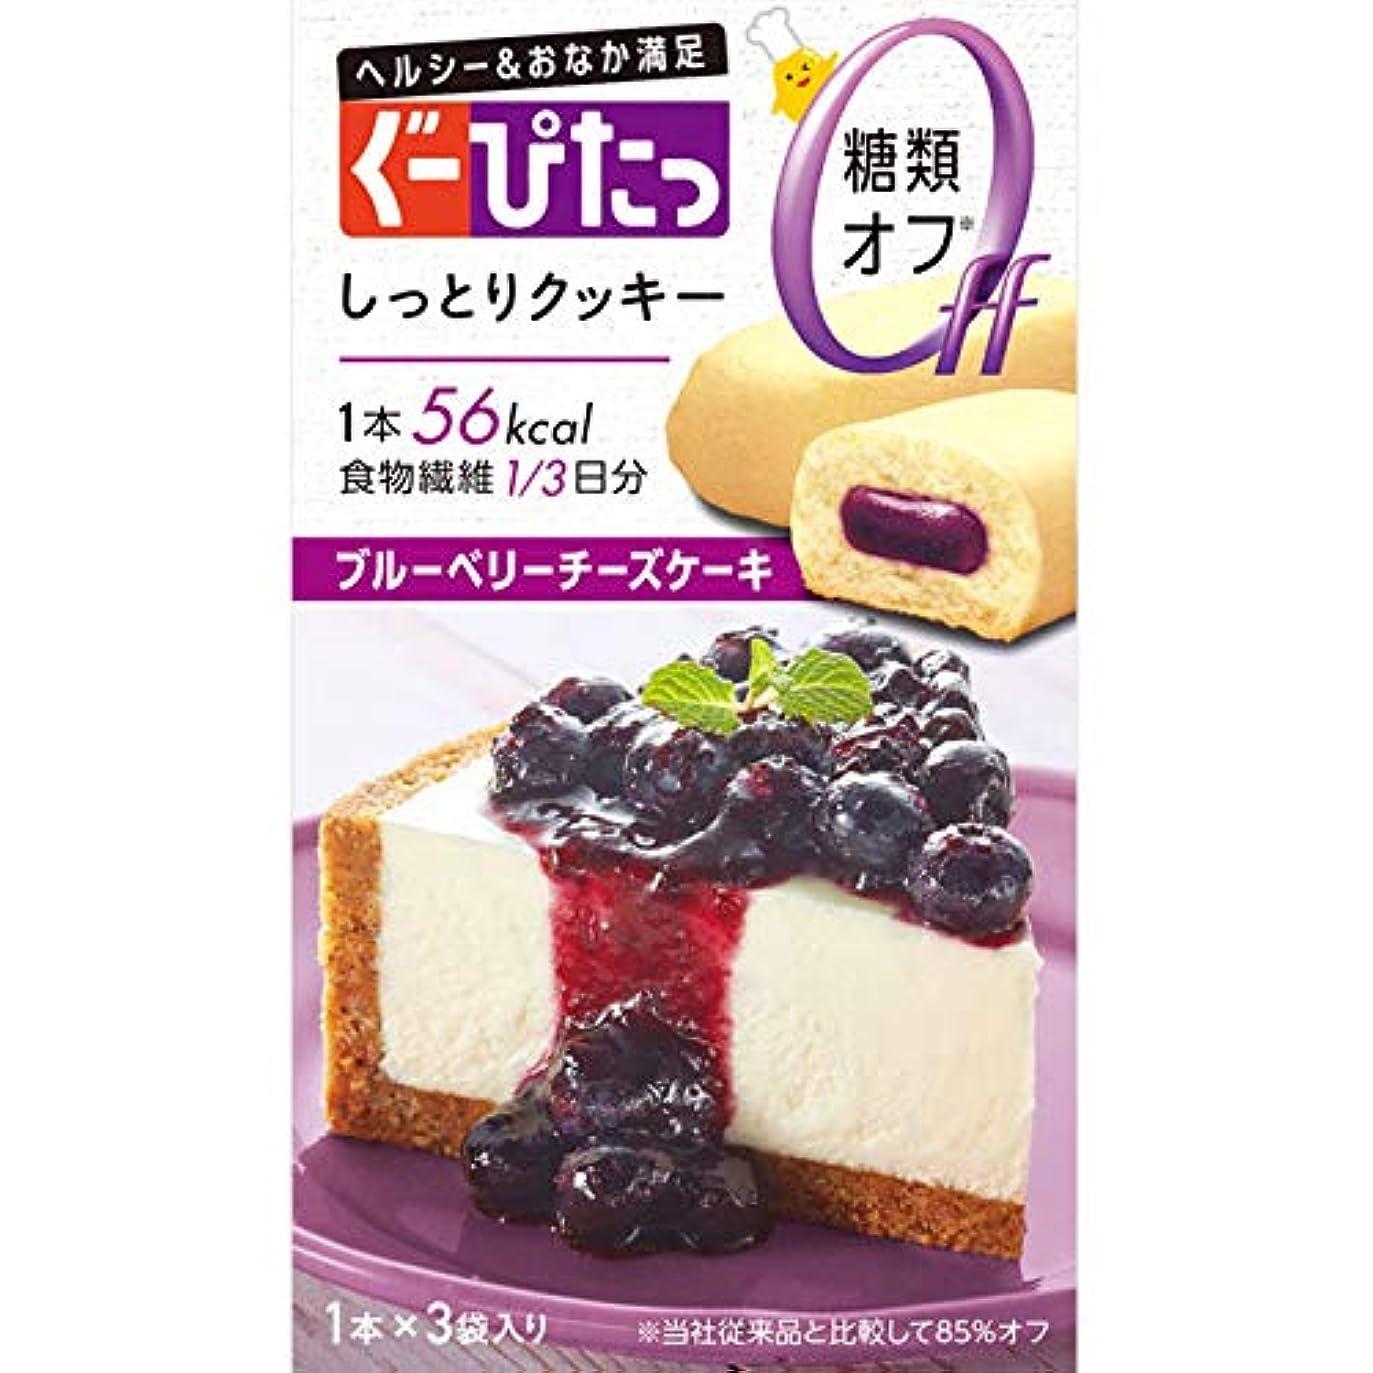 蜜裁判所反逆者ナリスアップ ぐーぴたっ しっとりクッキー ブルーベリーチーズケーキ (3本) ダイエット食品